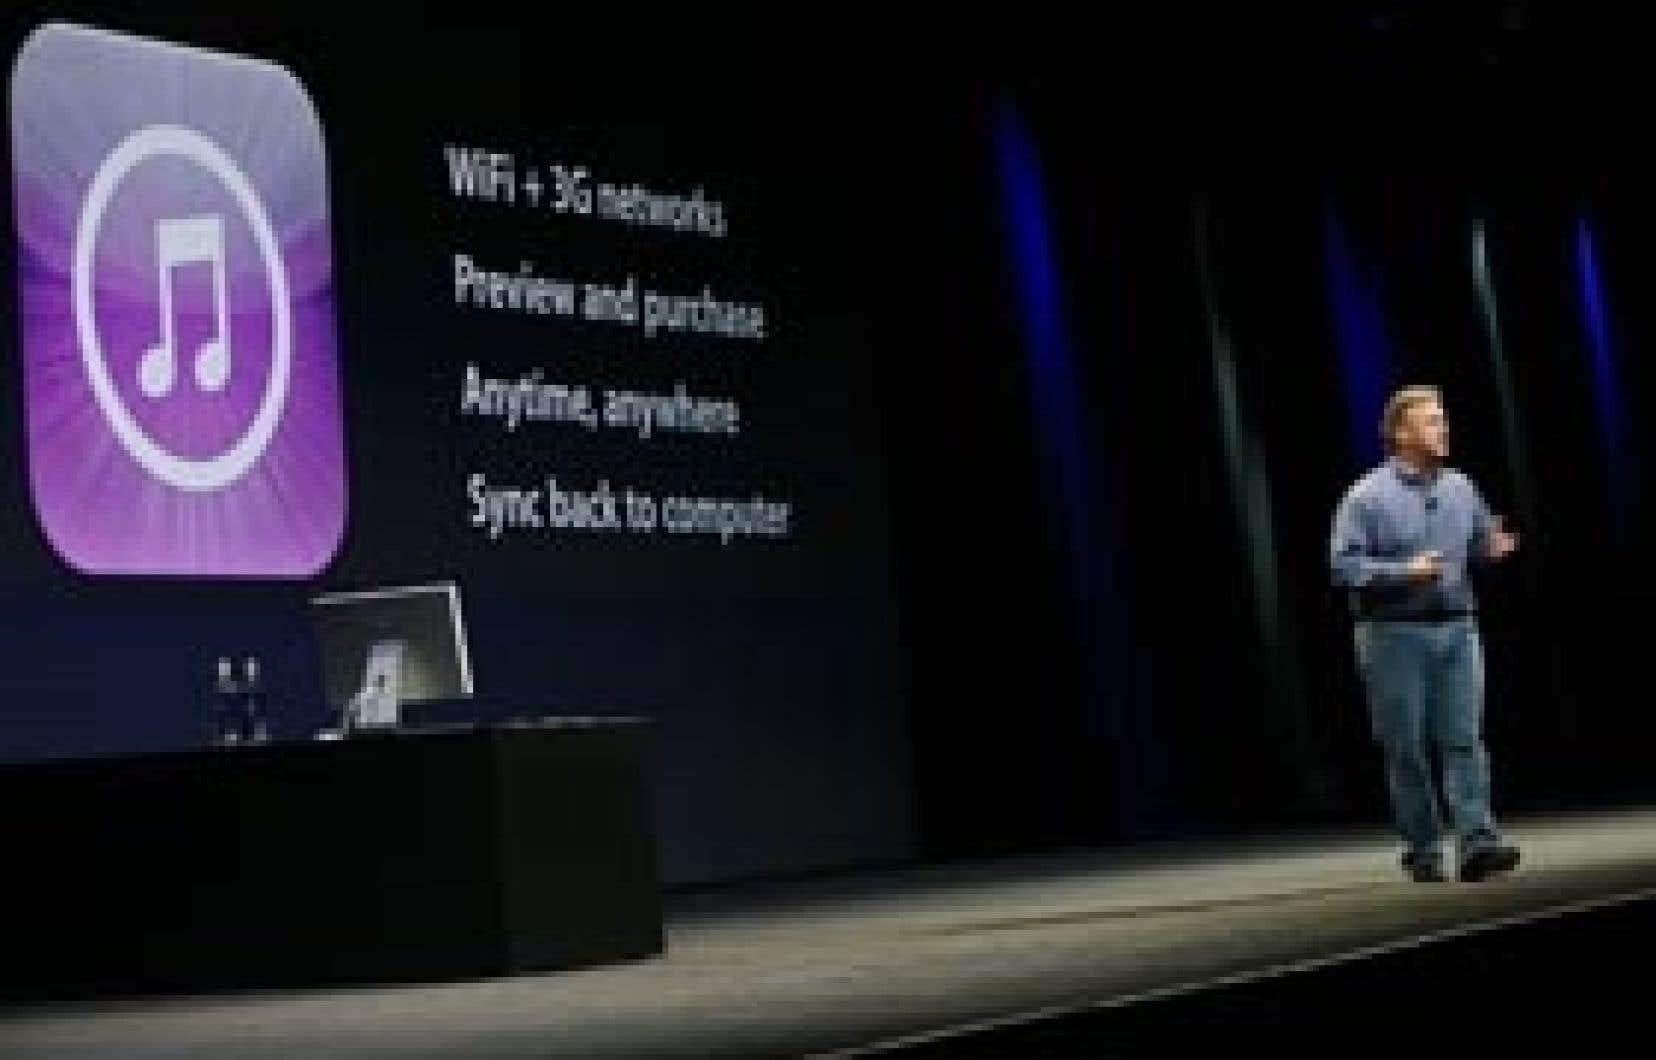 En janvier dernier, à San Francisco, ce n'est pas l'habituel Steve Jobs qui a fait la présentation principale du MacWorld Expo, mais Philip Schiller, l'un des vice-présidents d'Apple. Demain, Jobs sera de retour à son poste devant une assembl